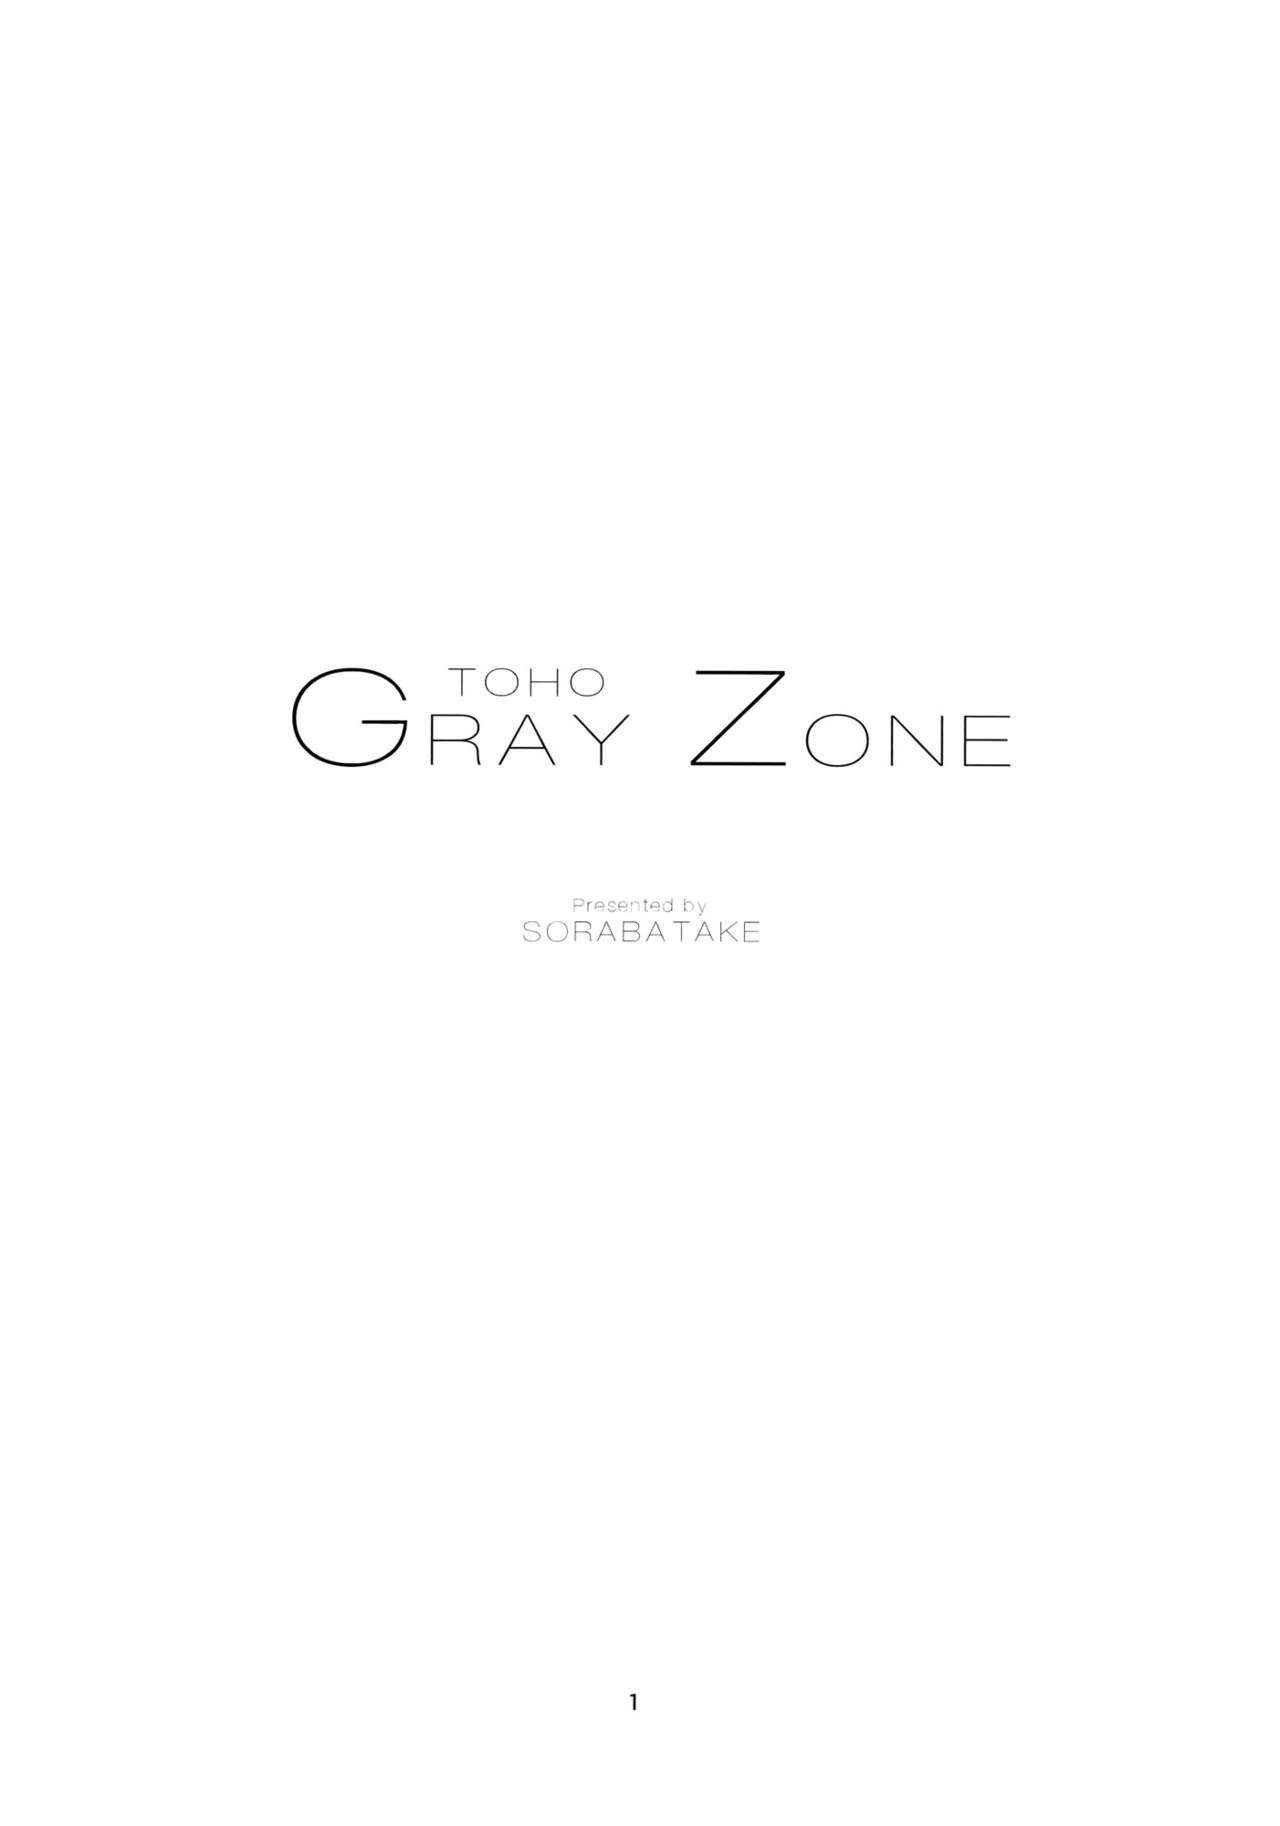 TOHO GRAYZONE 1